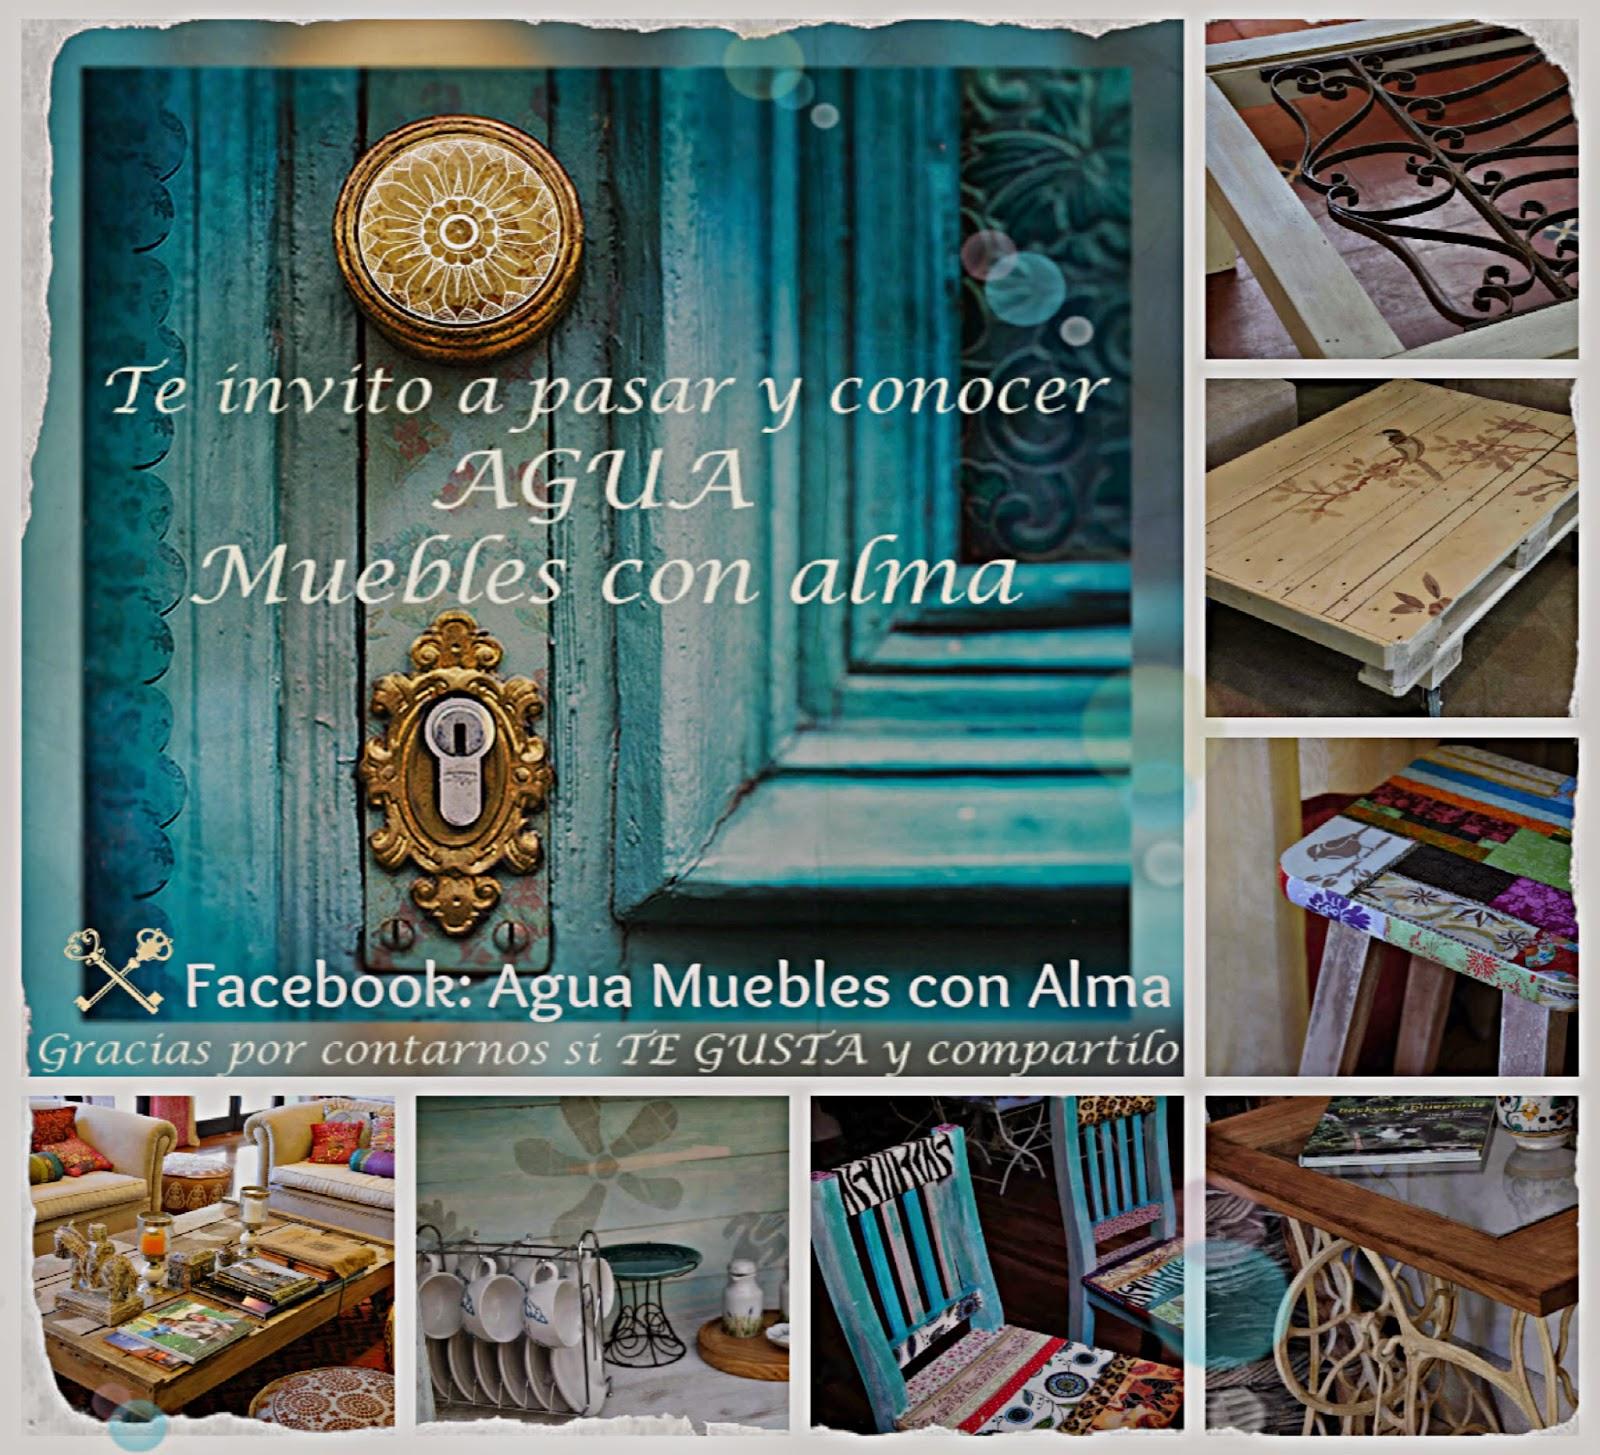 Agua muebles con alma muebles y objetos de decoraci n for Vintage muebles y objetos